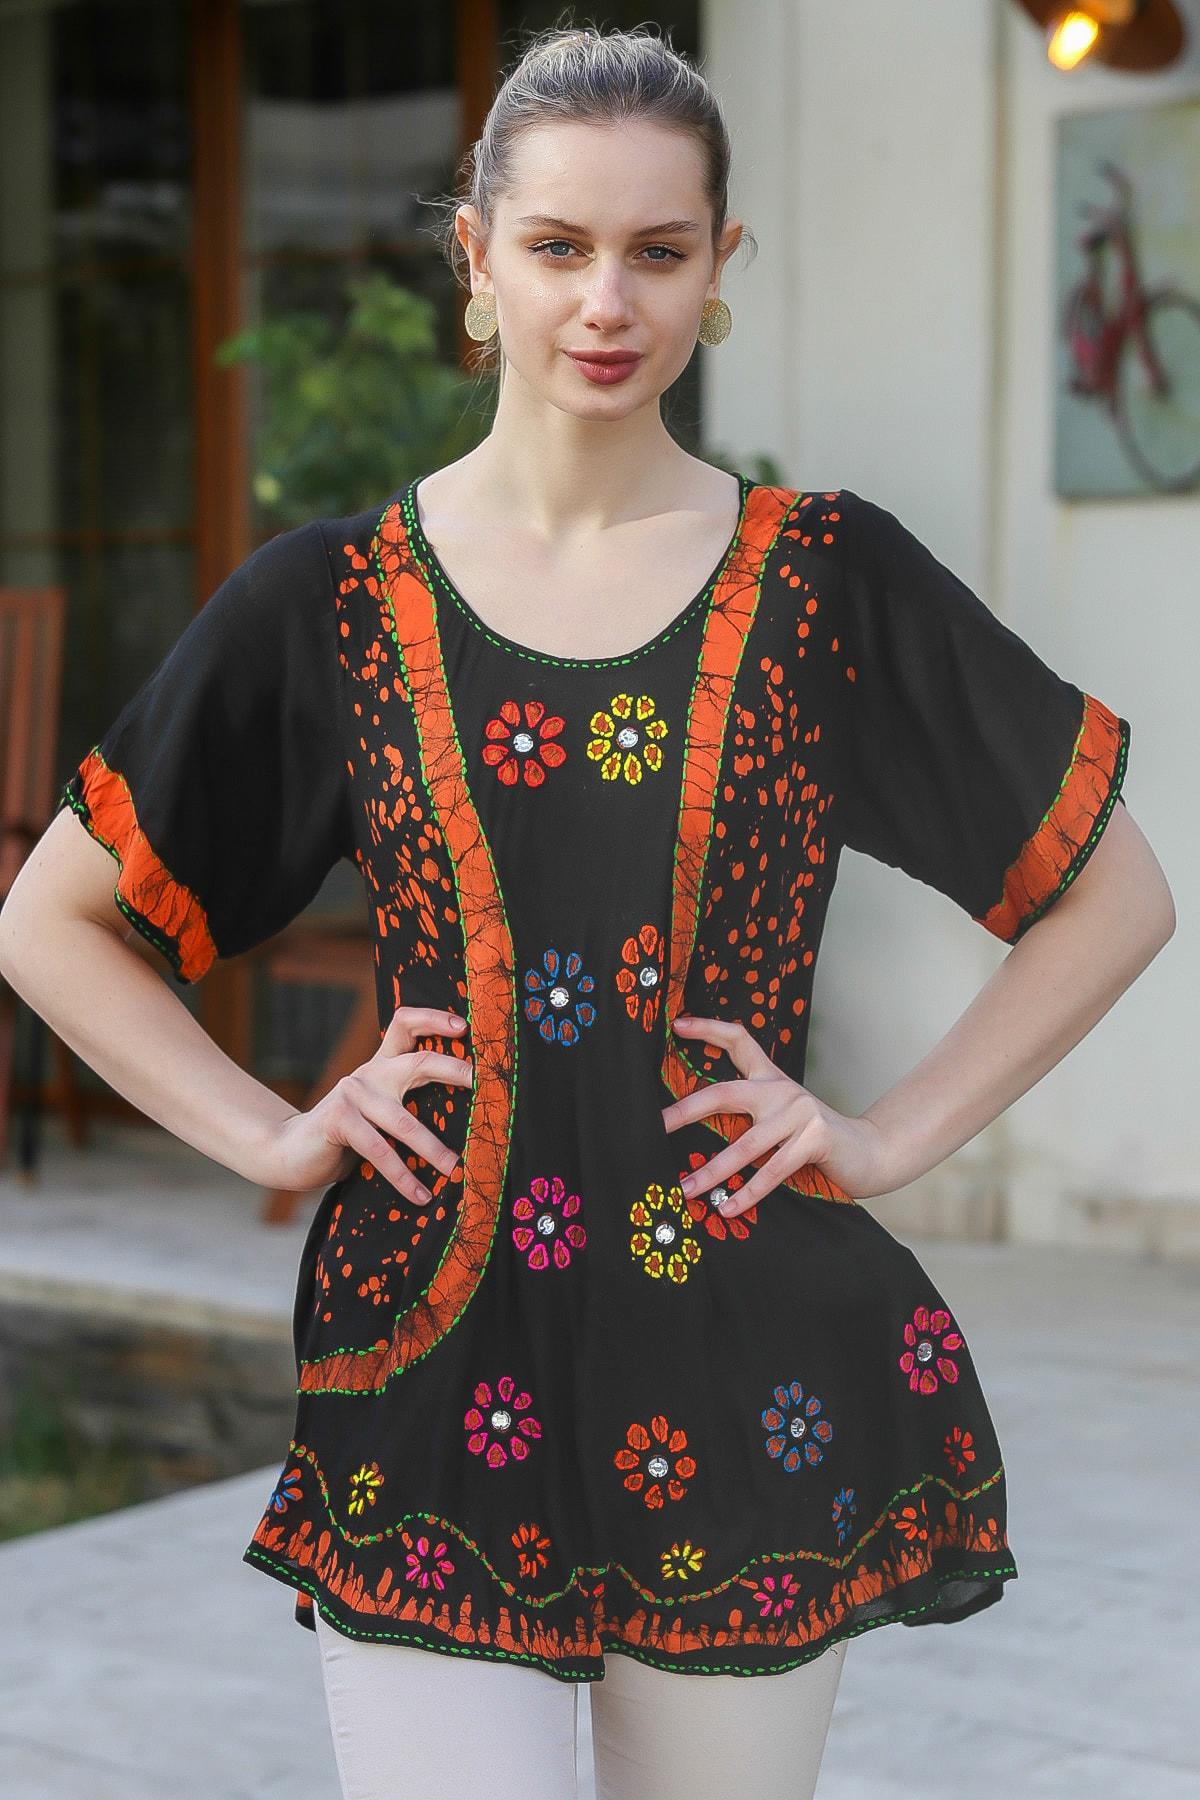 Chiccy Kadın Siyah U Yaka Çiçek Nakışlı Batik Desenli Salaş Tunik Bluz M10010200BL95380 0